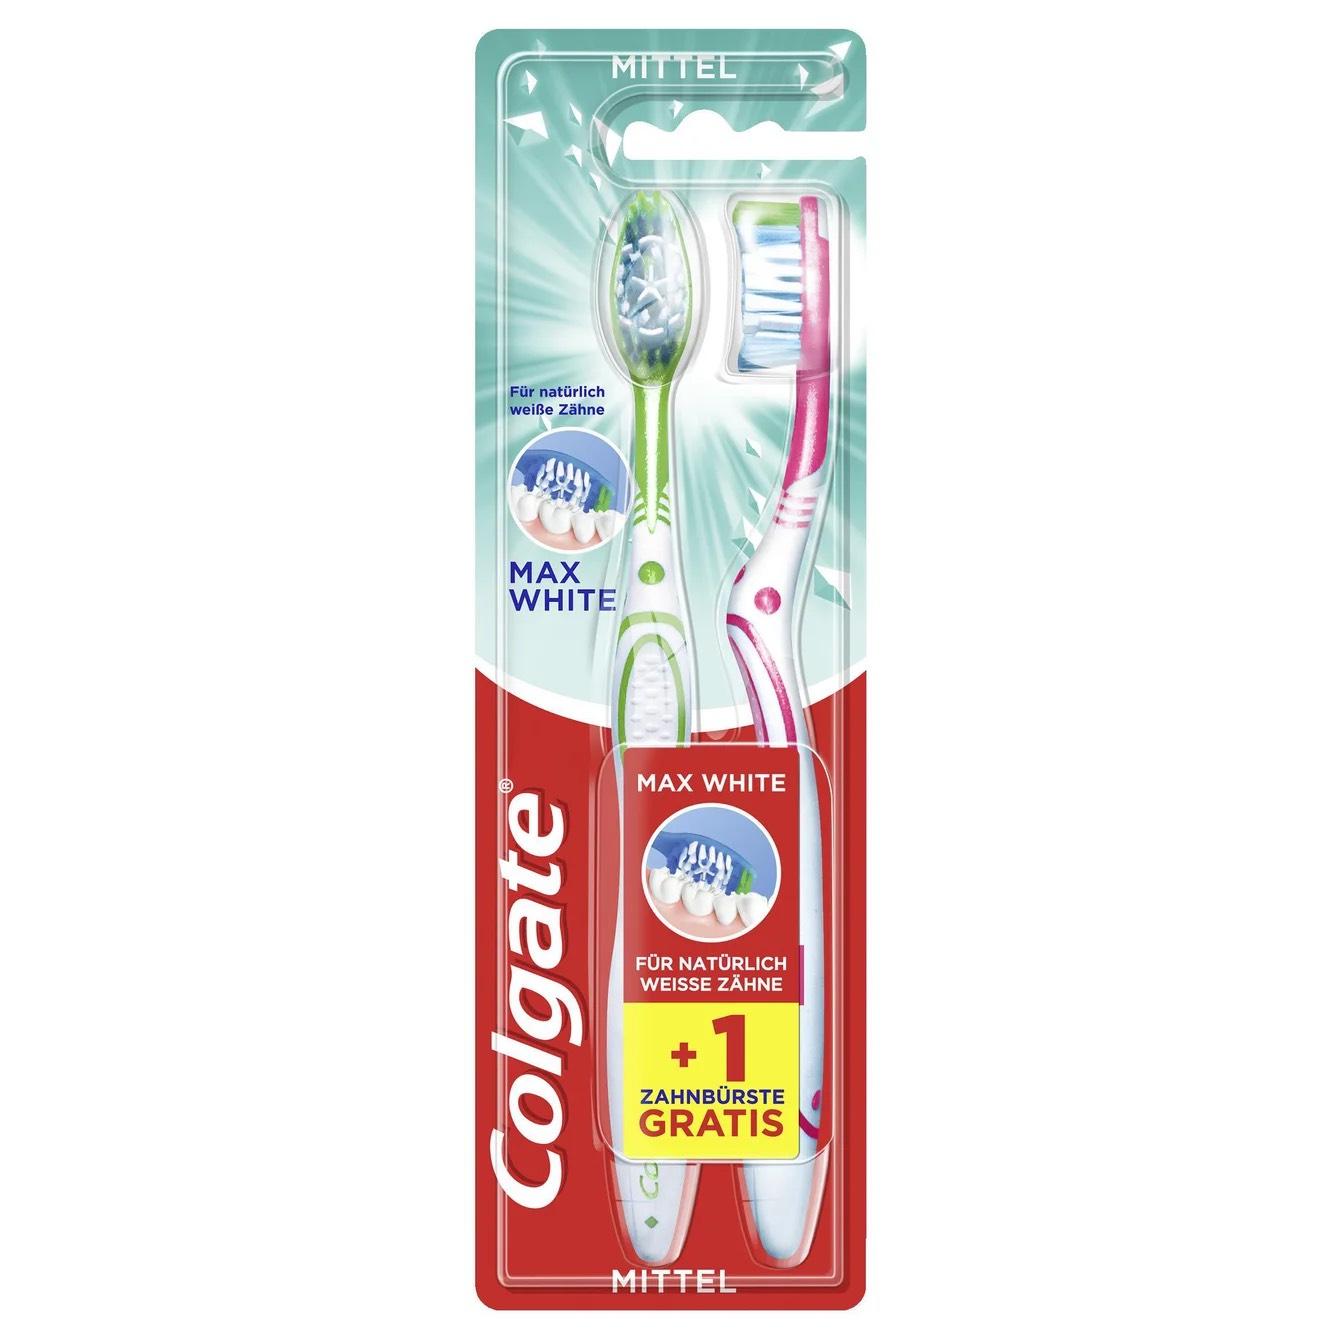 (@amazon prime & offline @rossmann) 2 Stück Colgate Max White Medium Zahnbürste je 0,49€ / 3x Colgate Extra Clean Zahnbürste je 0,48€